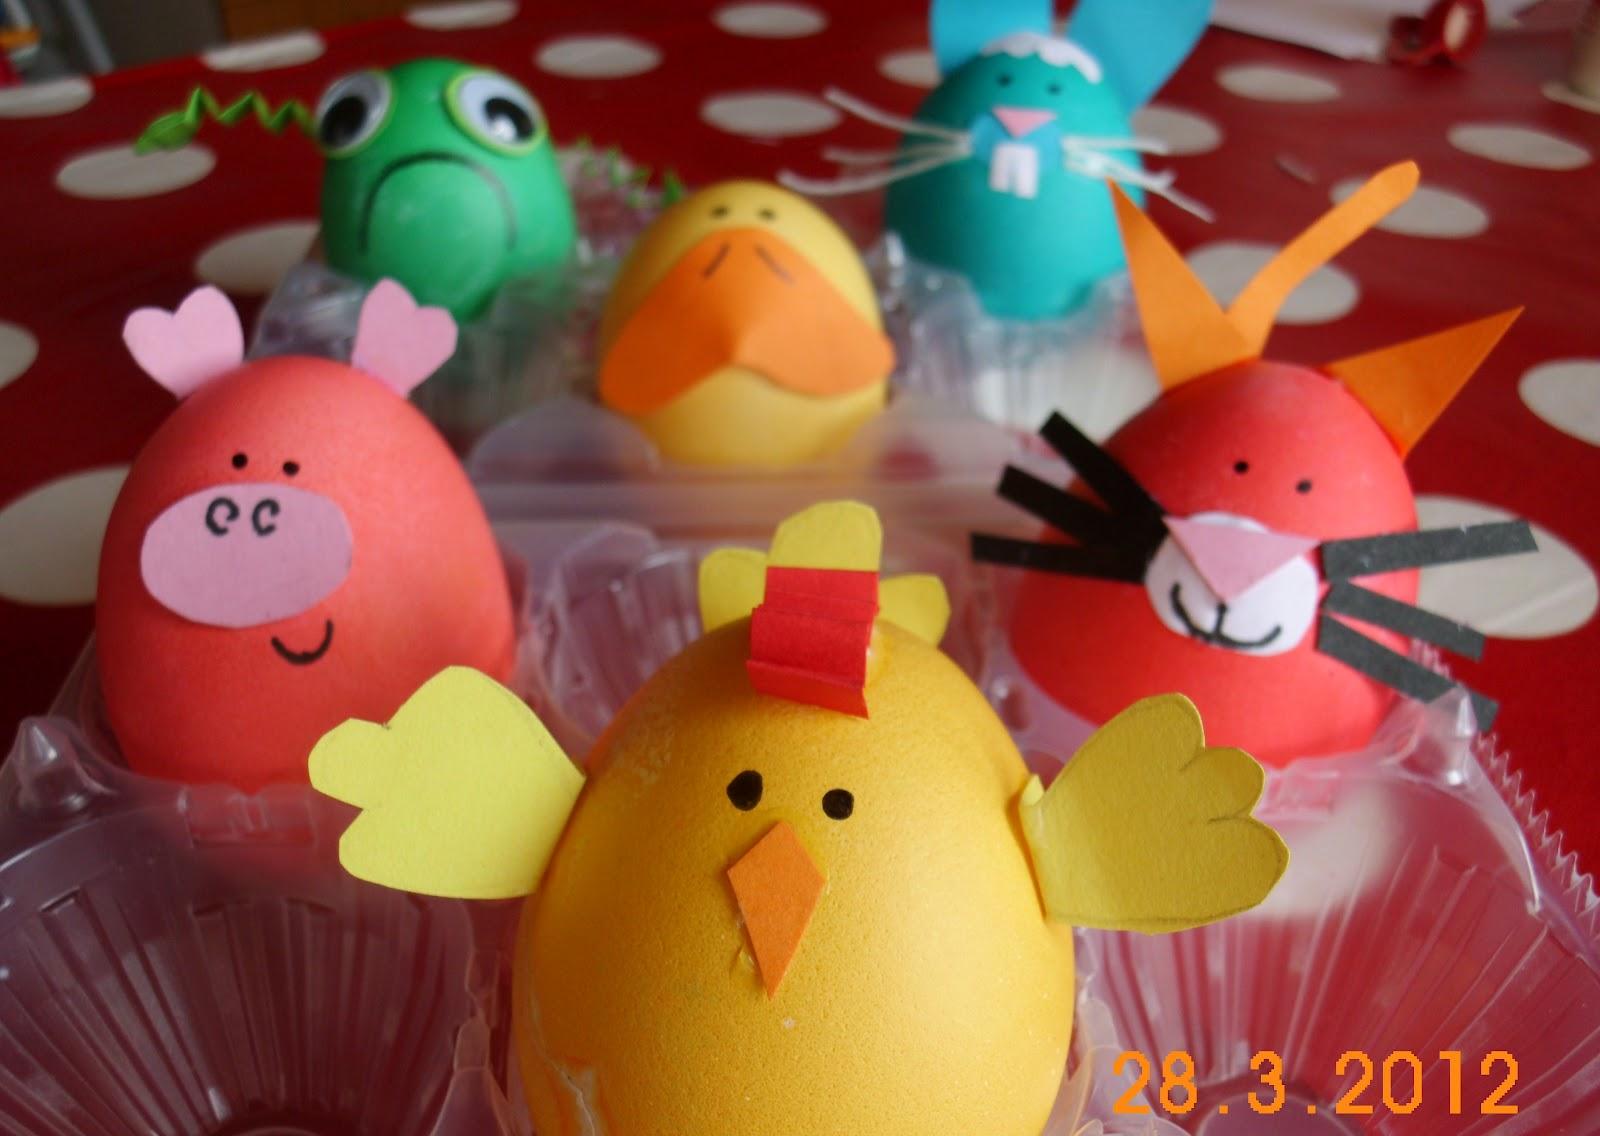 I piccoli chef uova sode decorate - Uova di pasqua decorate per bambini ...